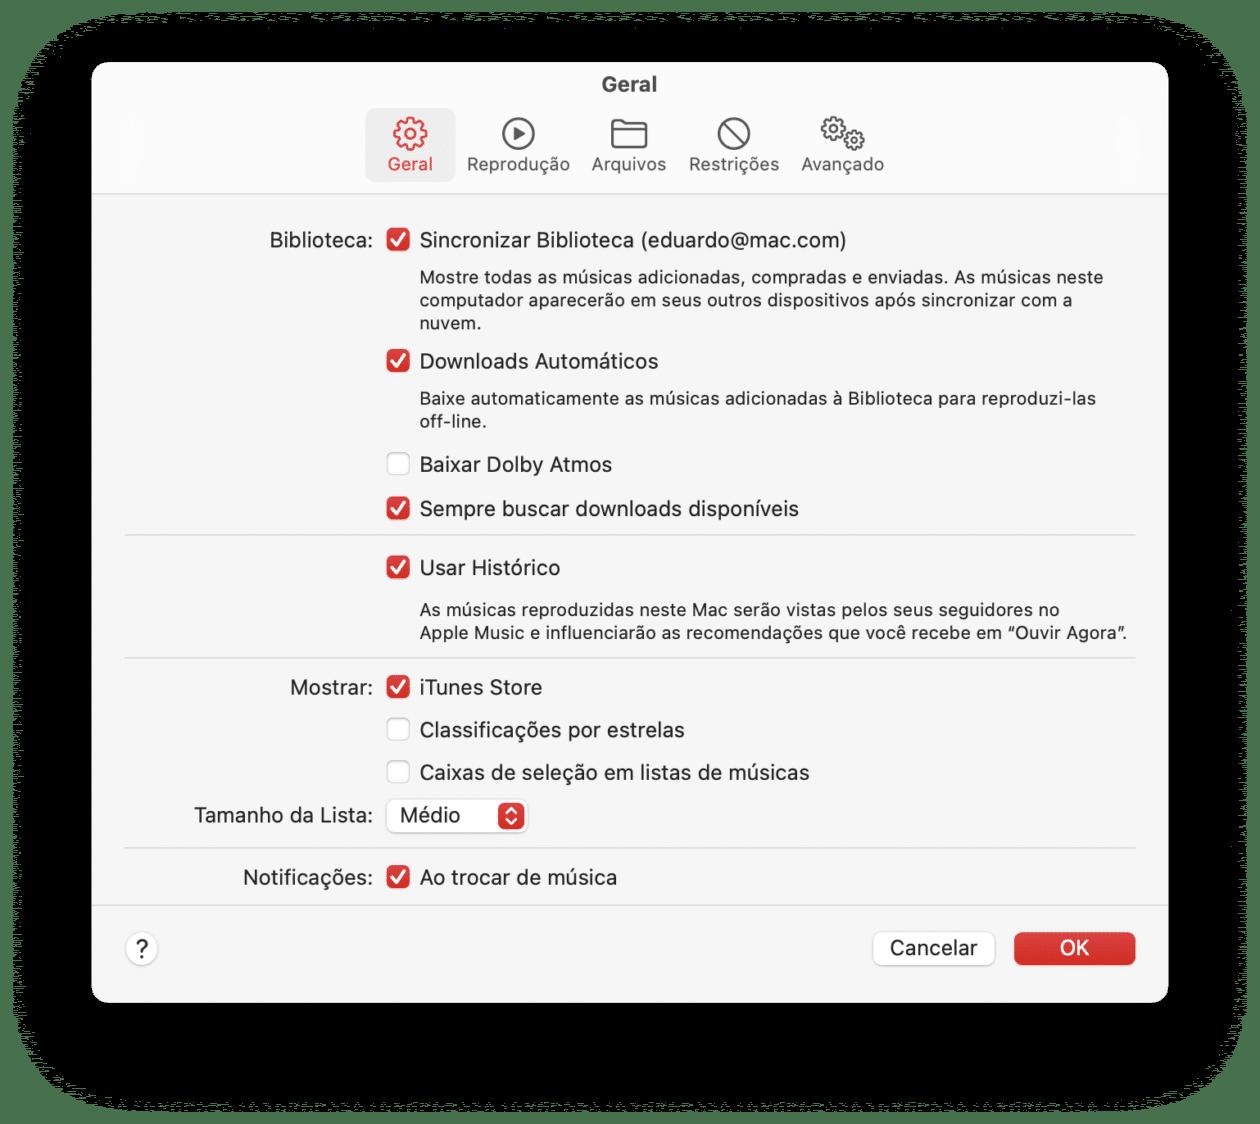 Download automático de músicas no Mac